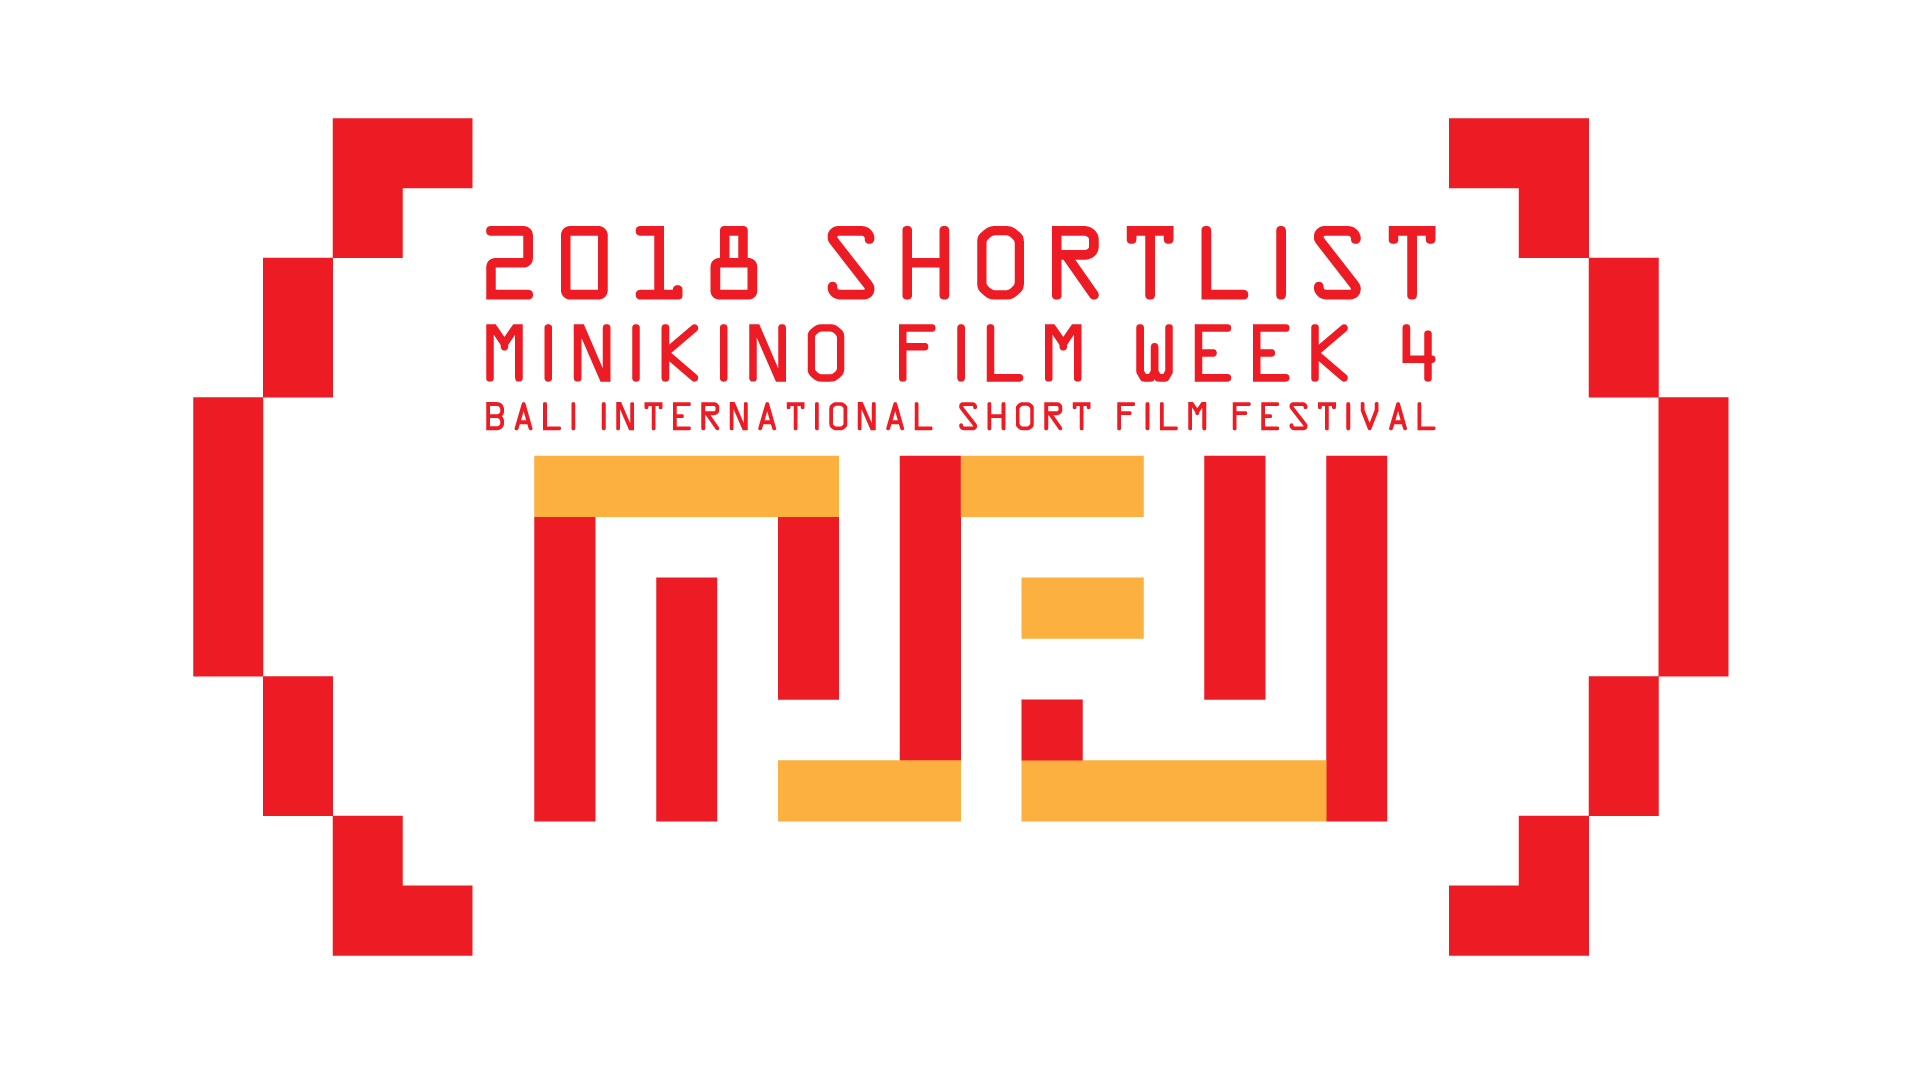 shortlist-laurel-MFW4-2018-color.png